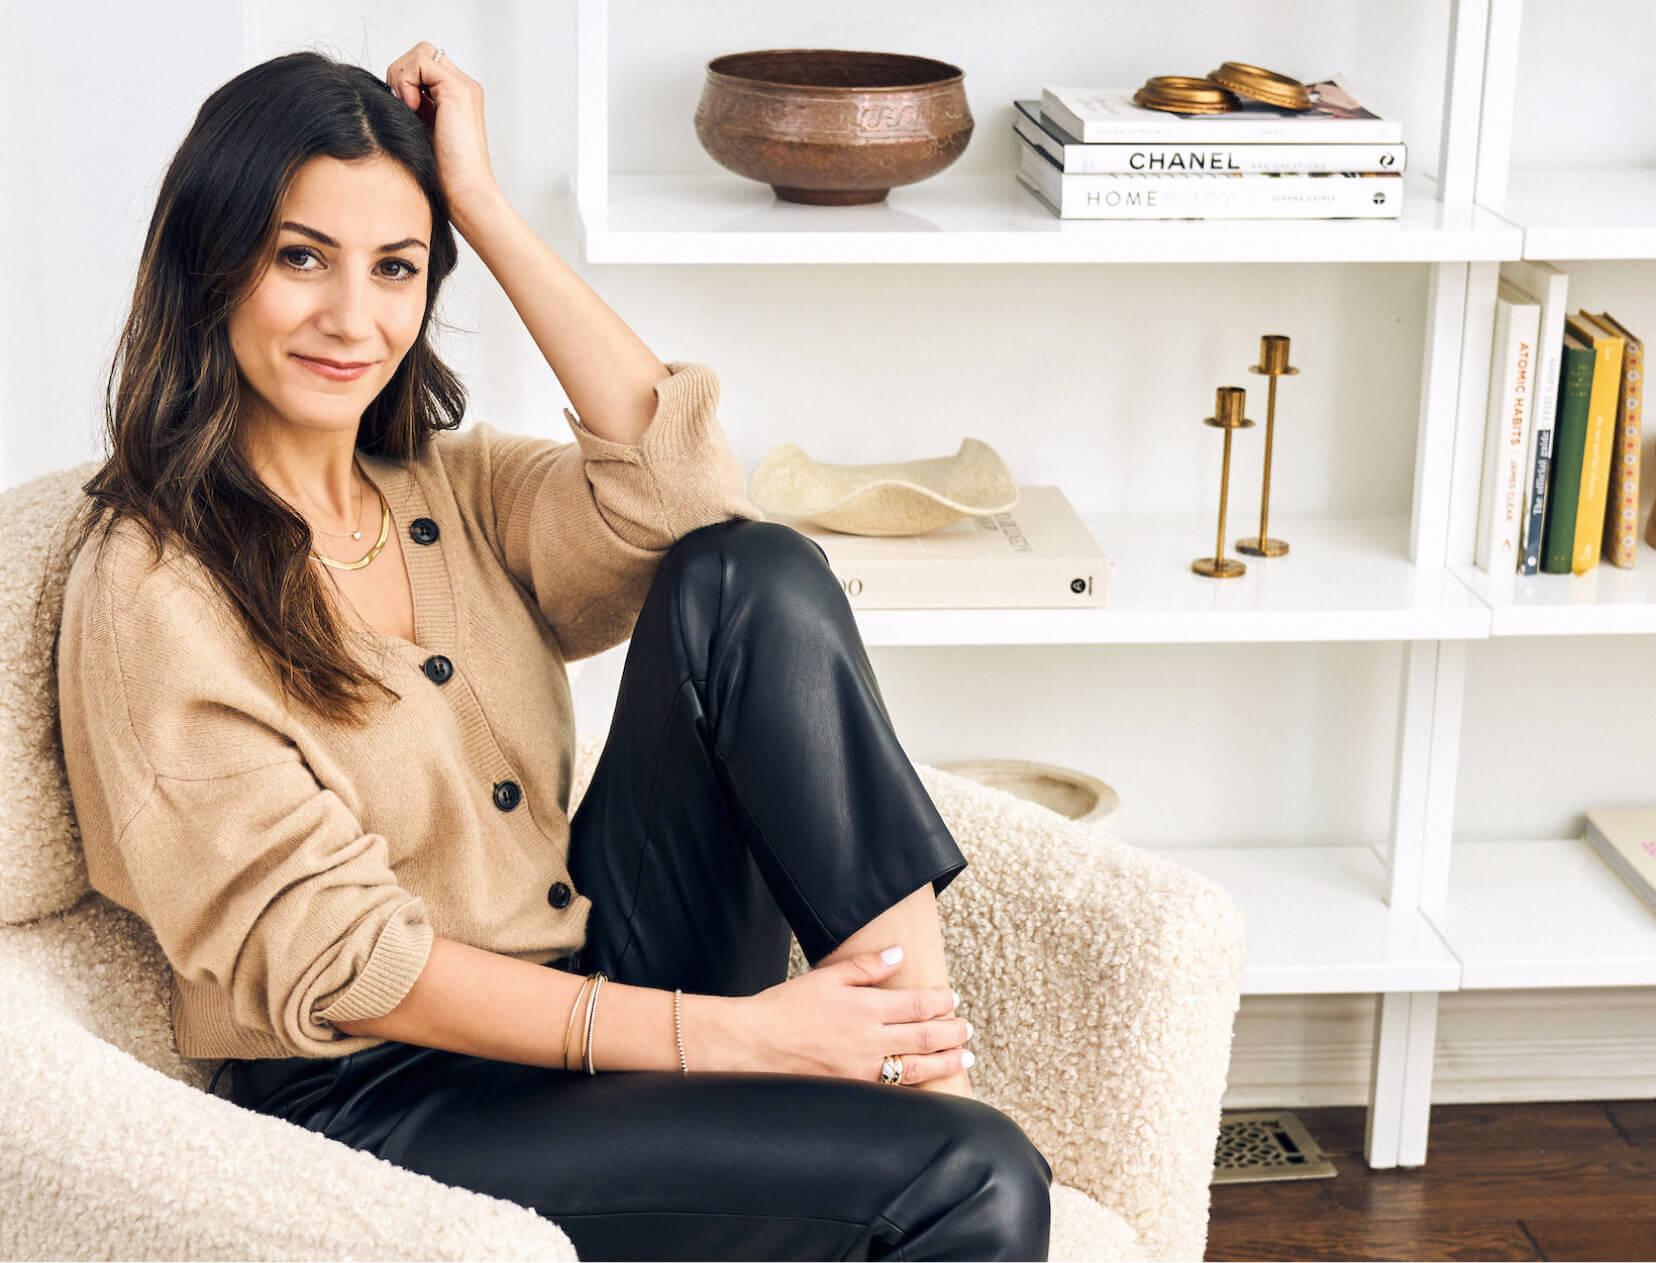 Noura Sakkijha in a chair